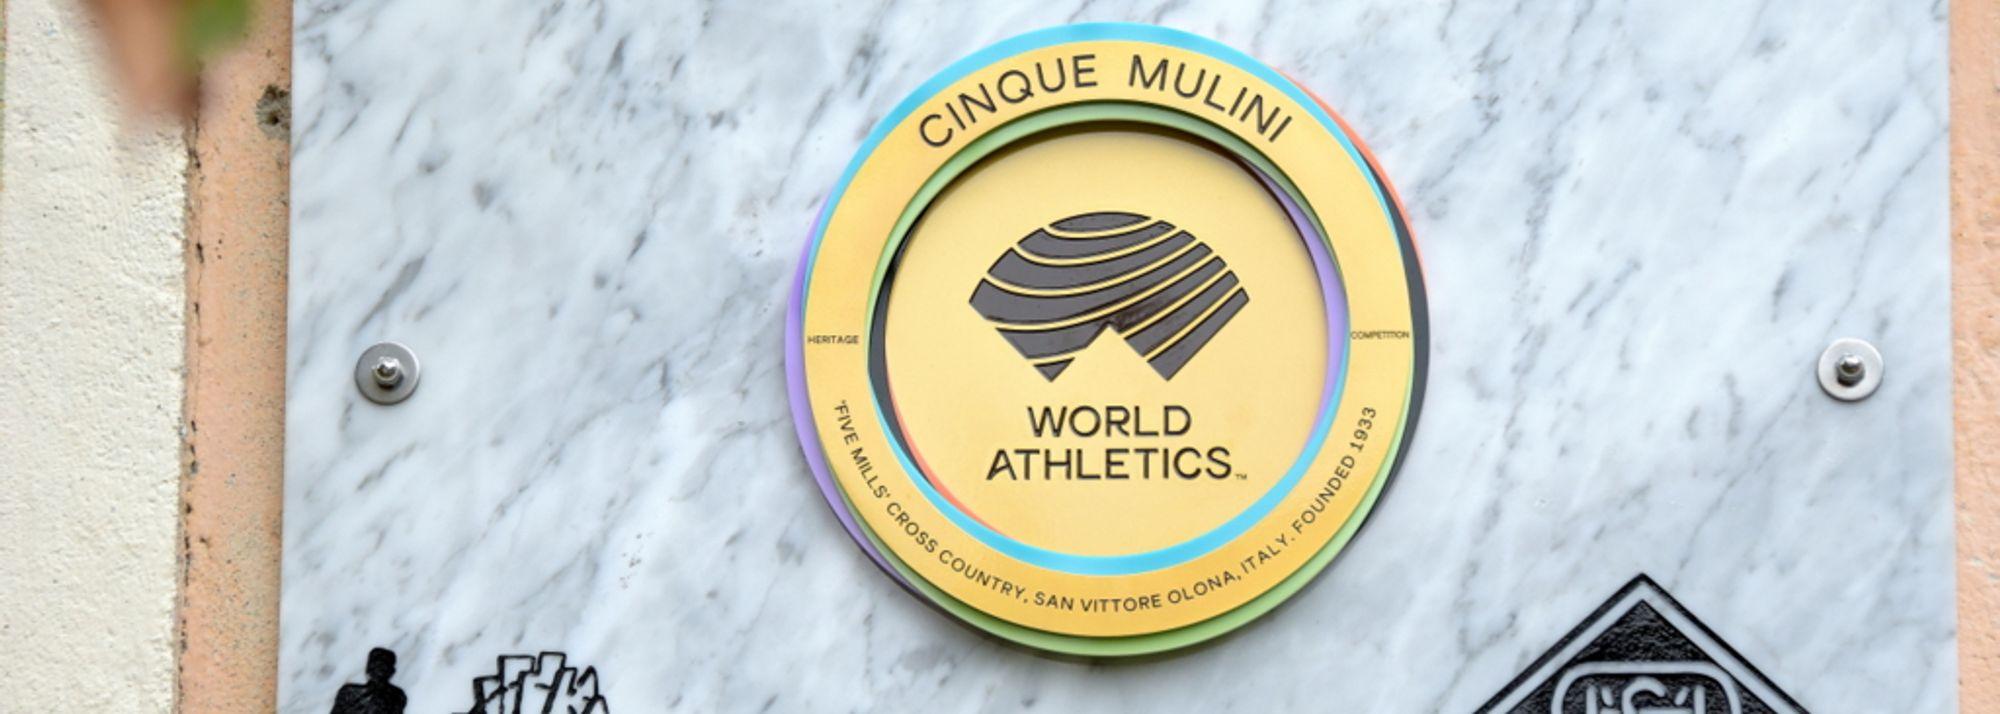 Cinque Mulini's World Athletics Heritage Plaque unveiled on side of Meraviglia Mill